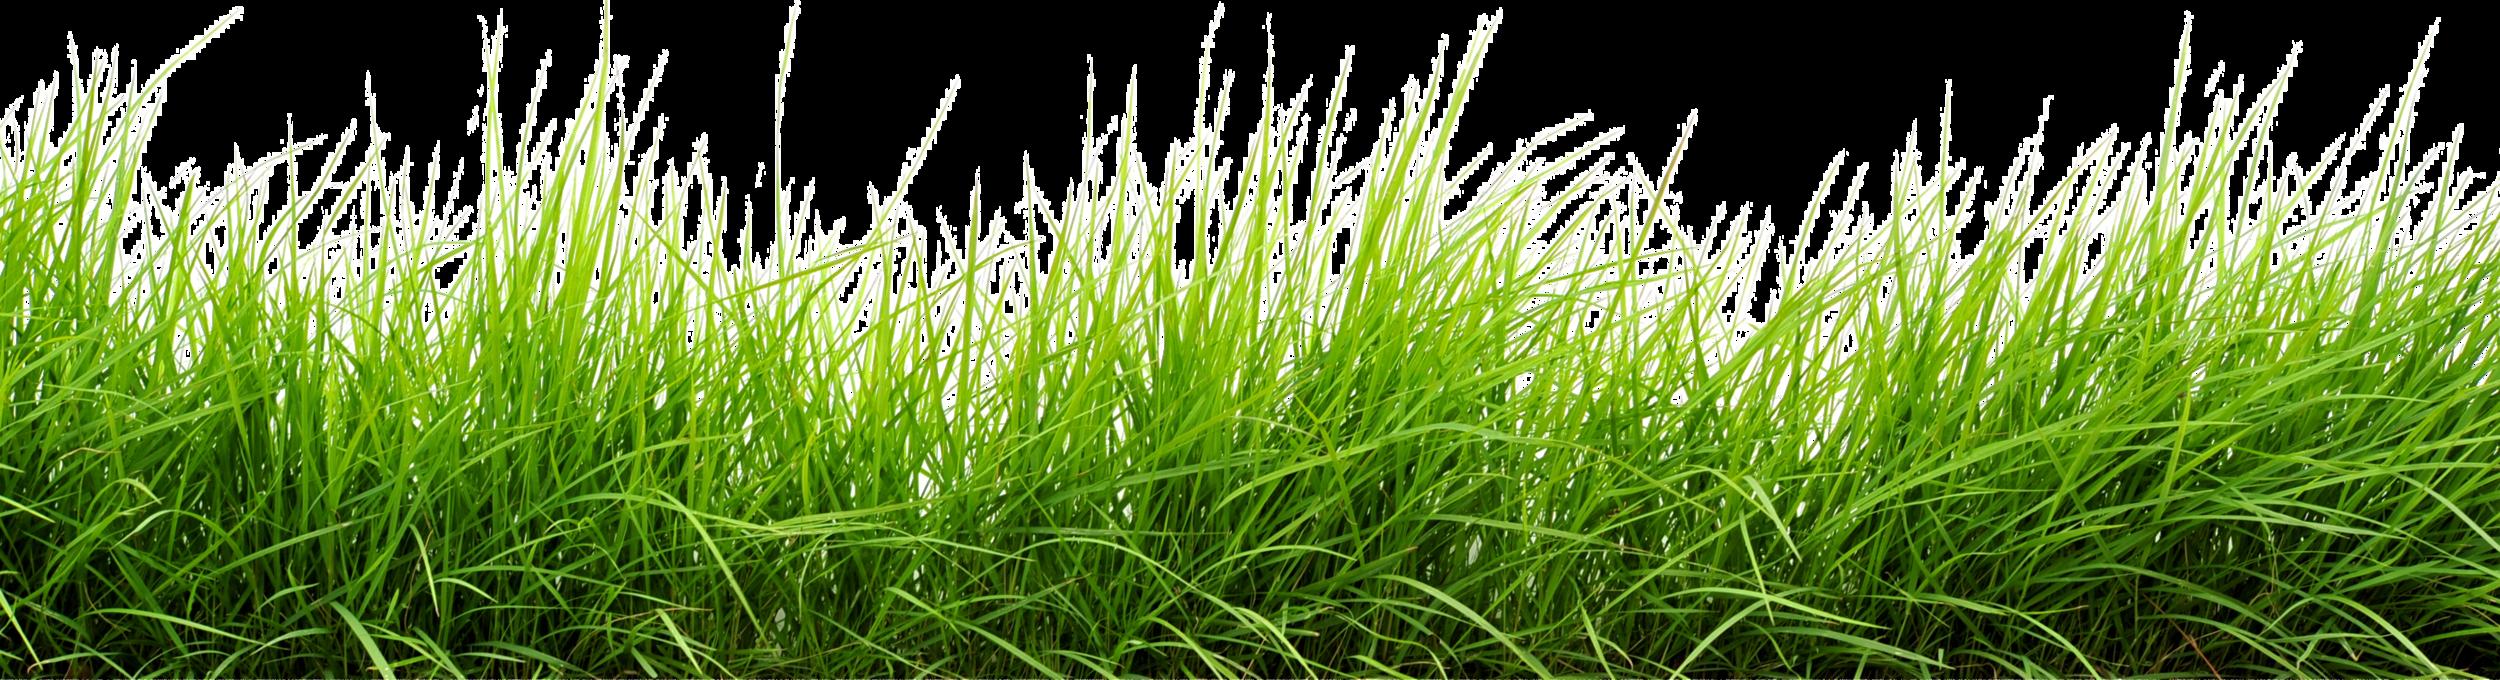 Grass PNG - 8627